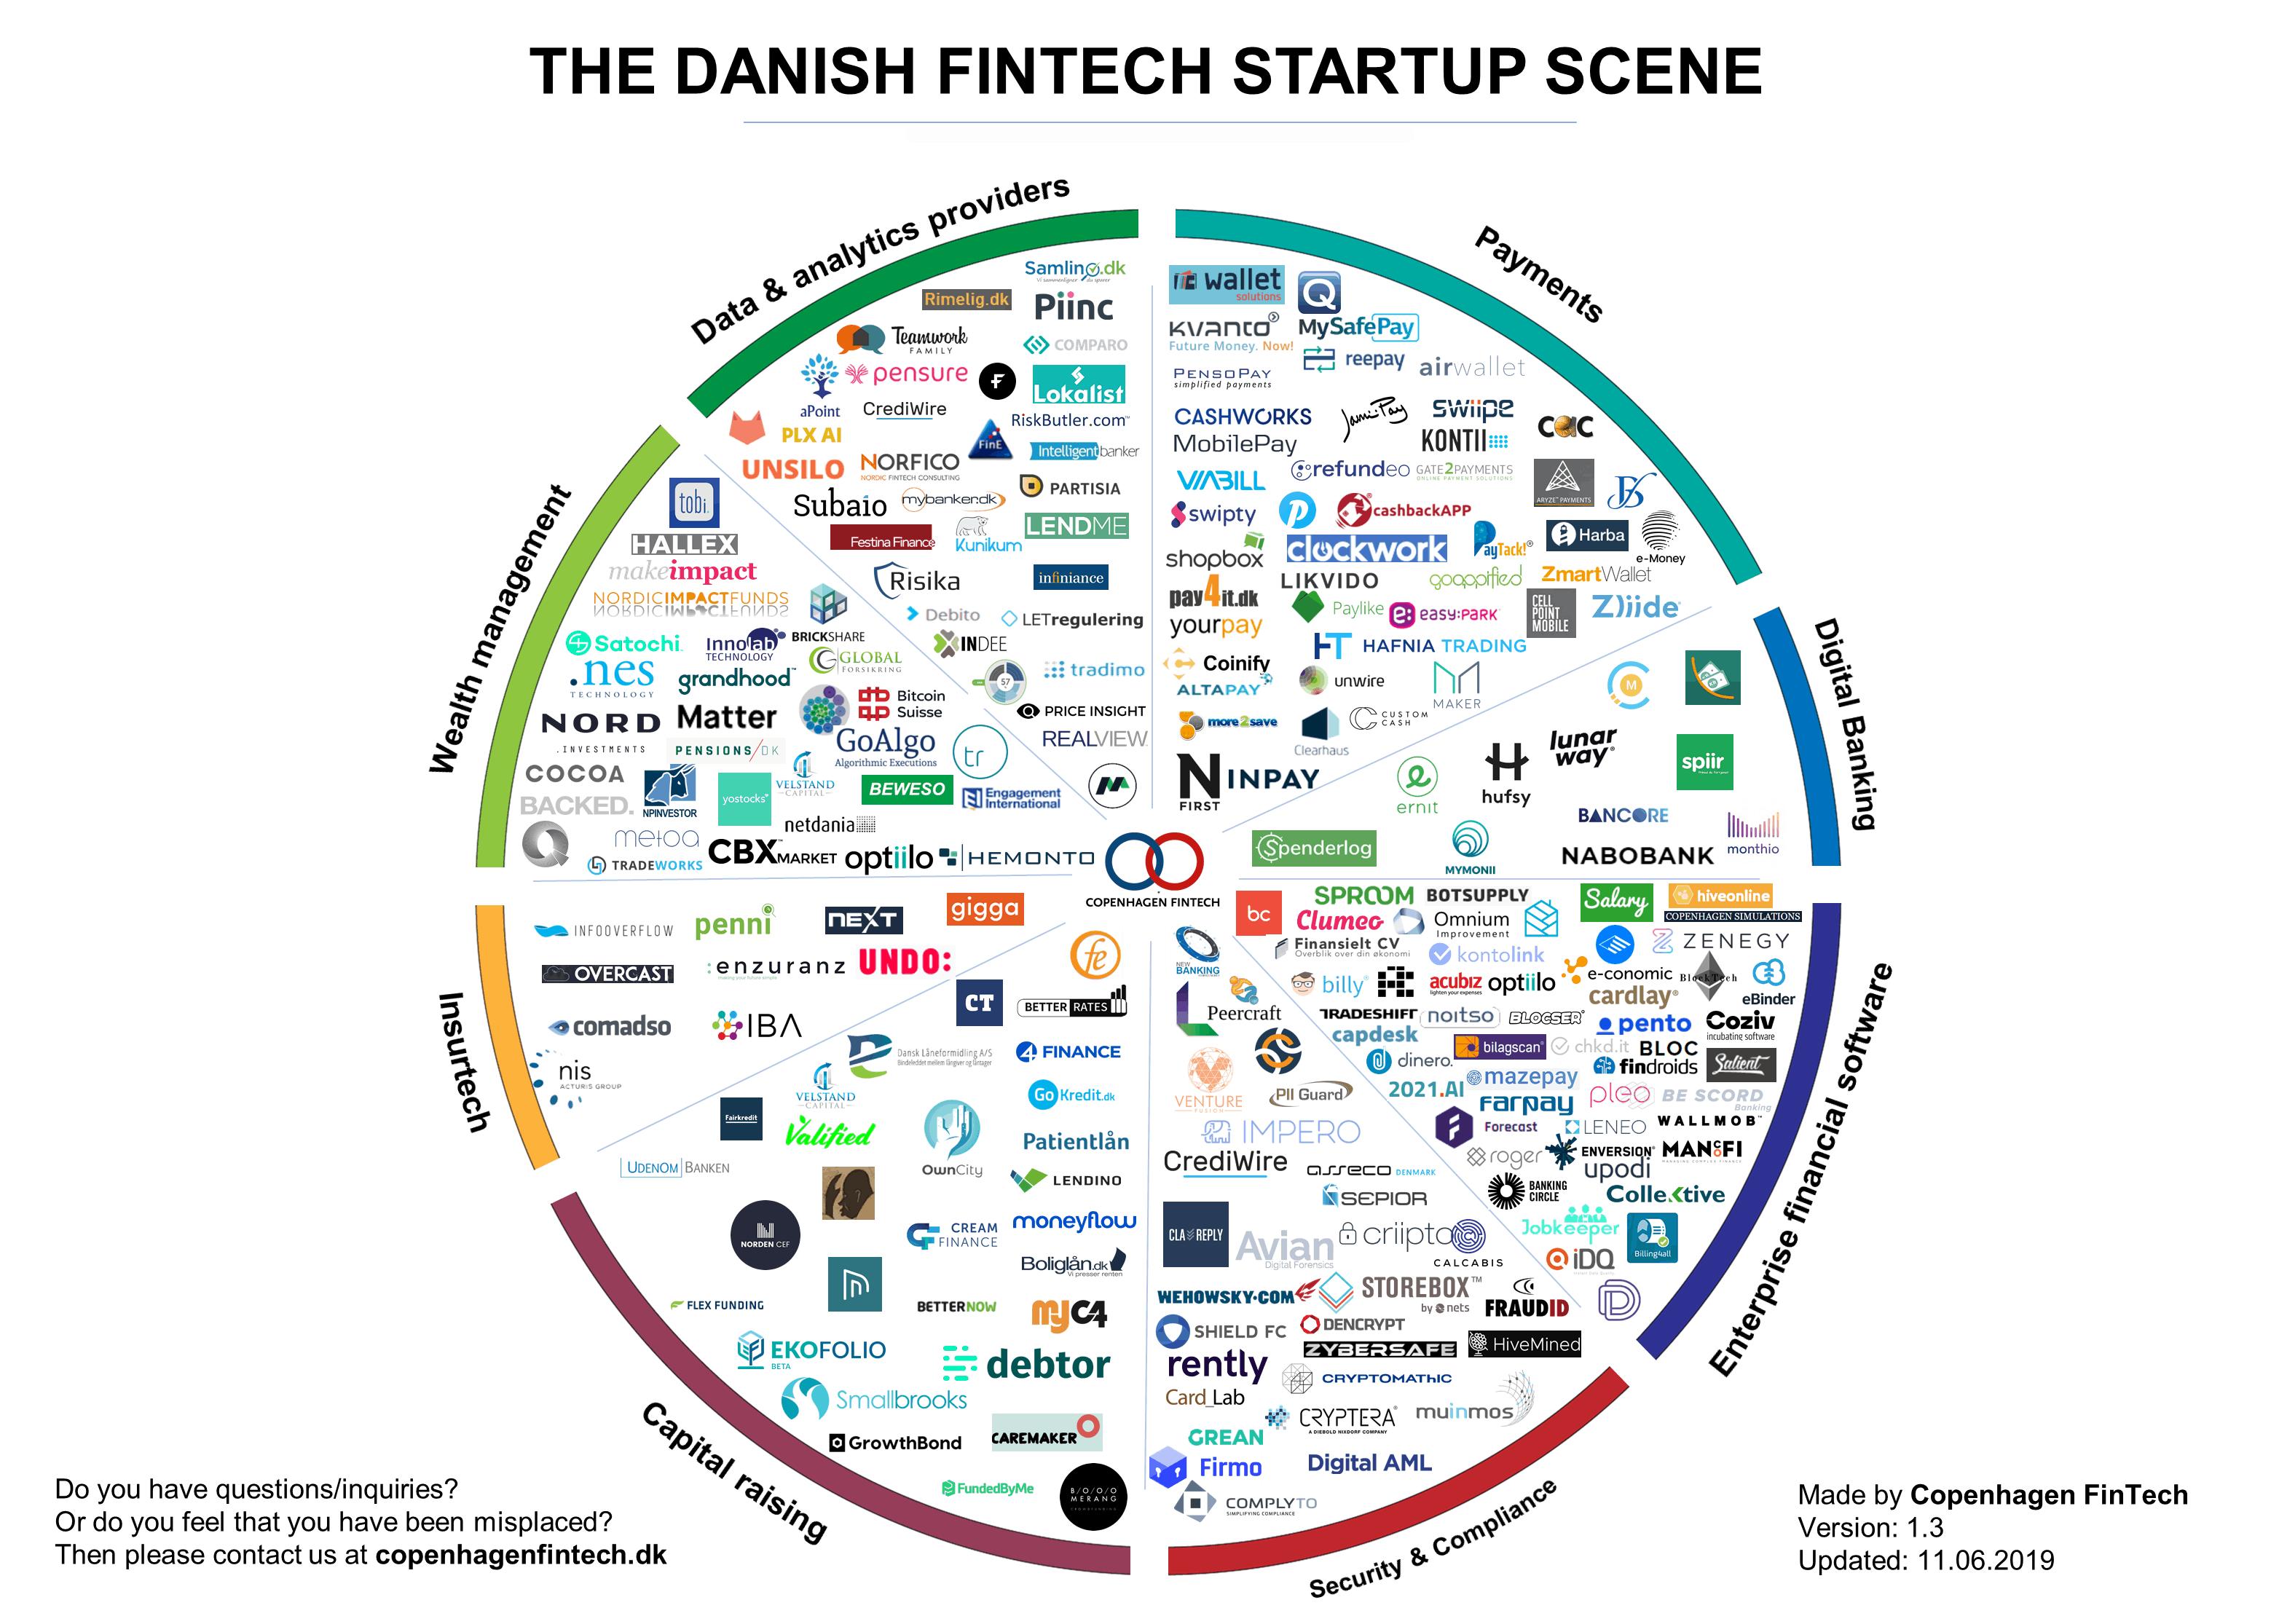 danish-fintech-startup-11.06.19 Copenhagen Fintech